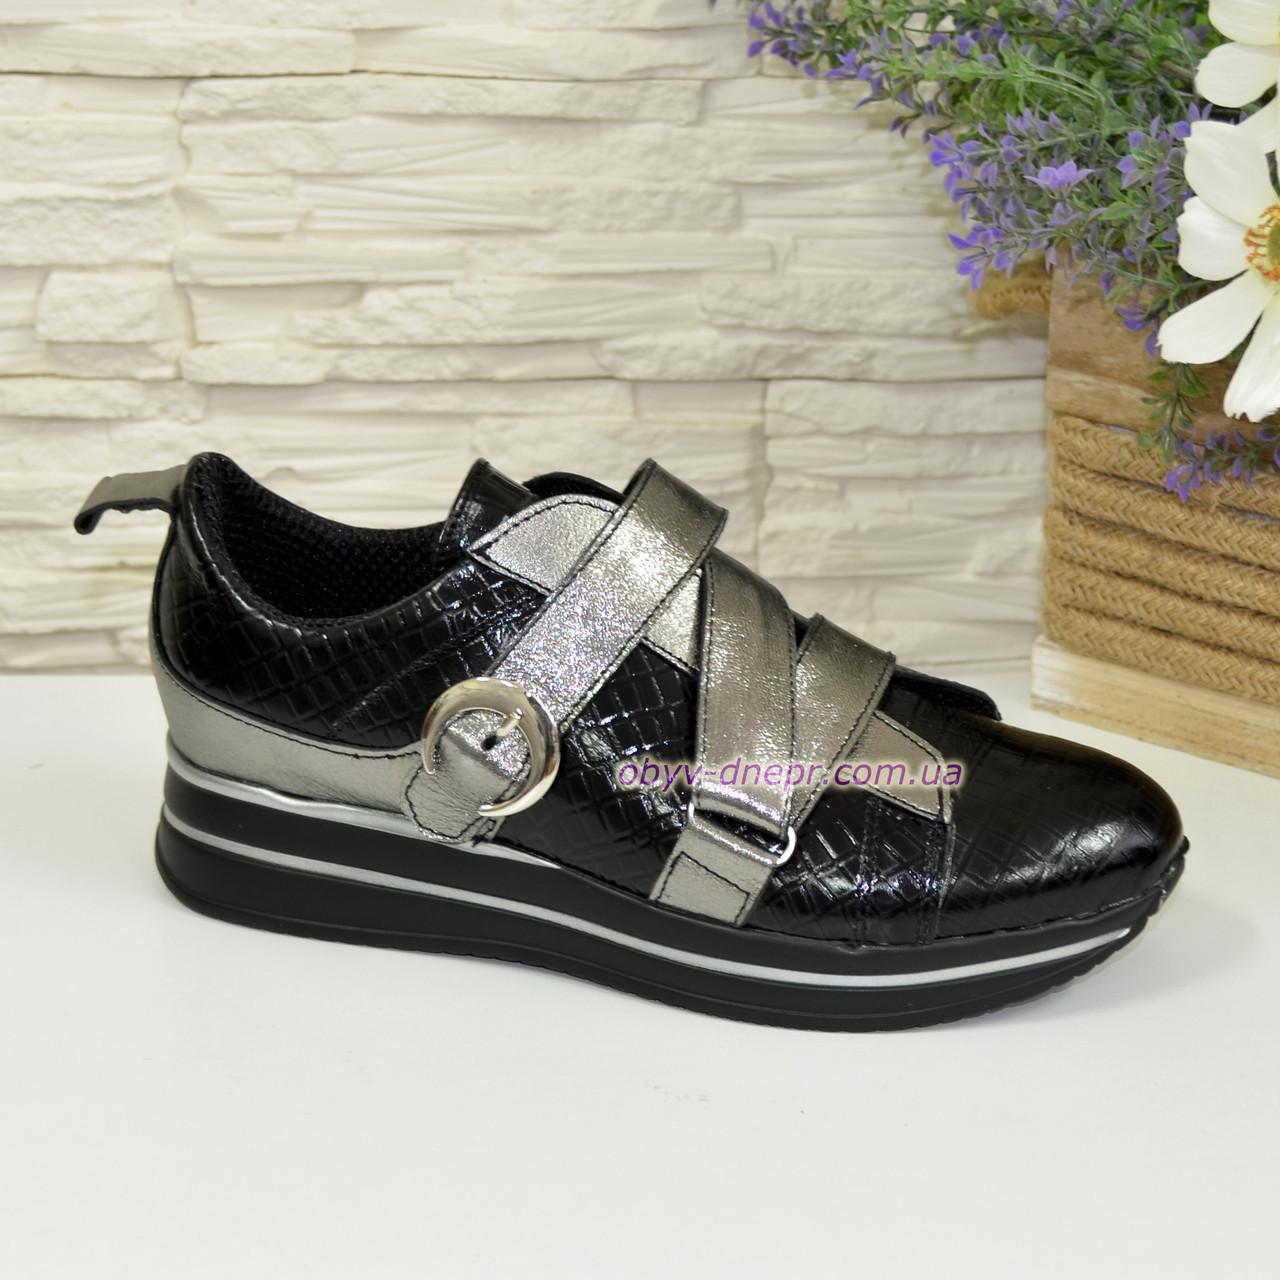 Женские стильные кроссовки на утолщенной подошве, фото 1